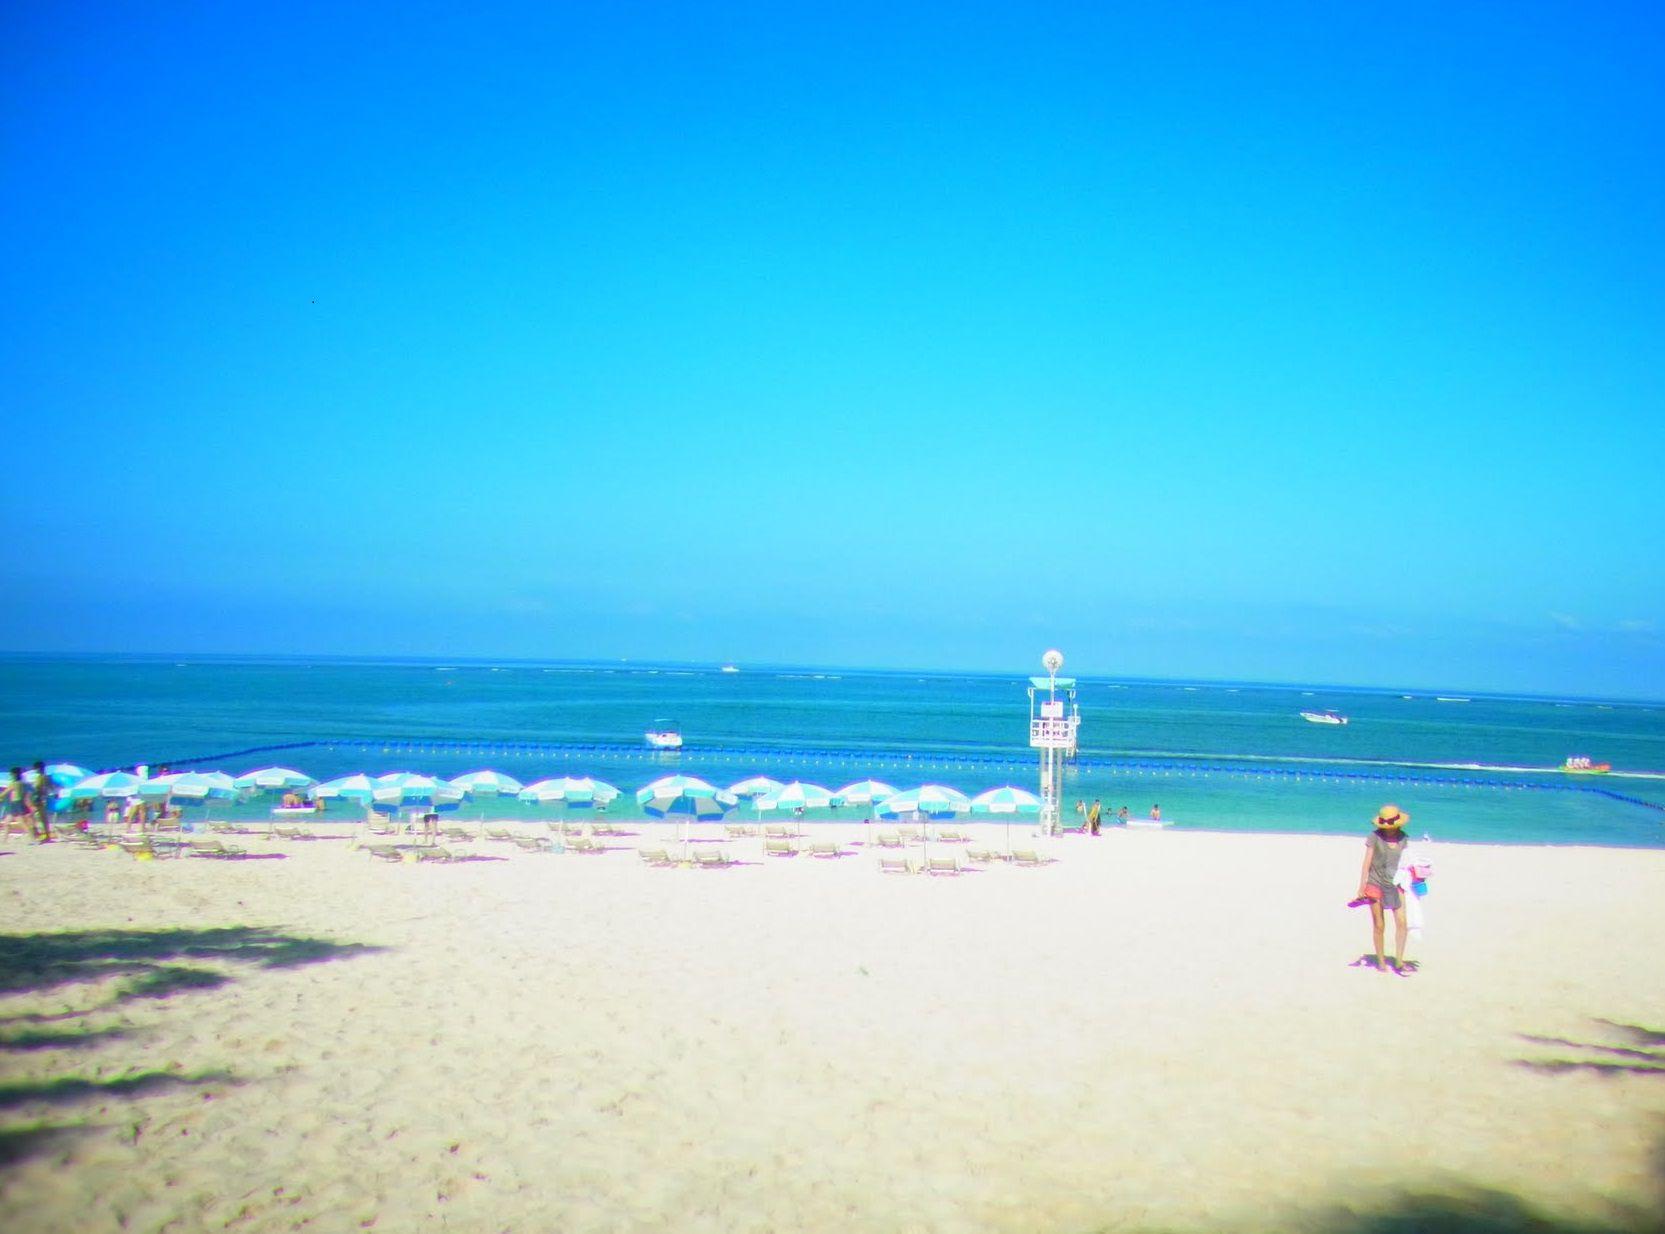 【ムーンビーチでマリンプレイ】フライボードフライボード